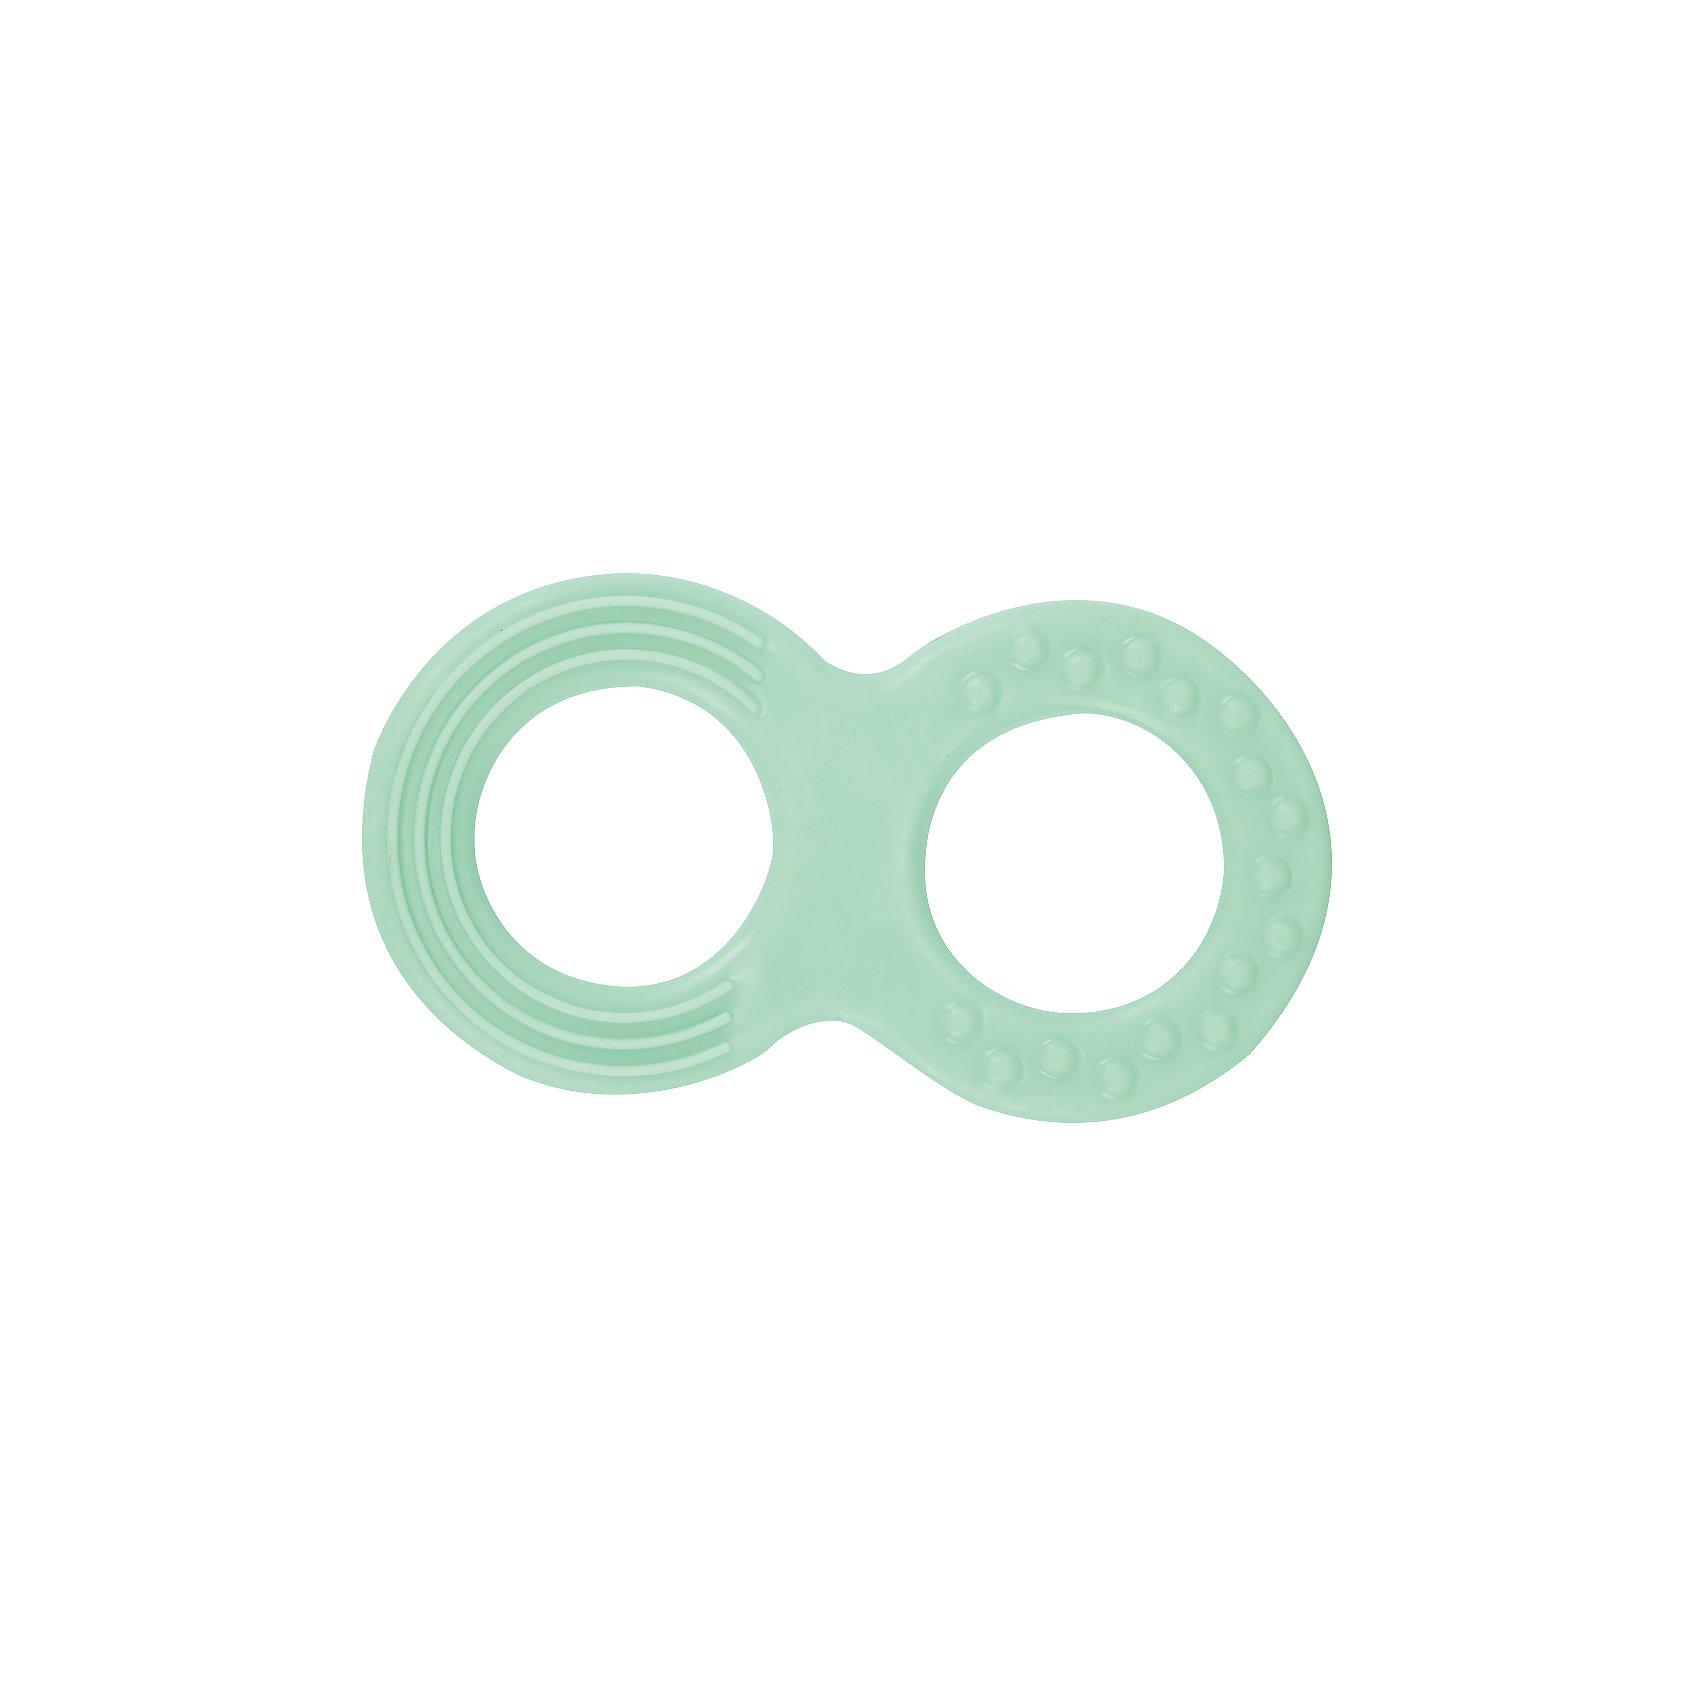 Прорезыватель Восьмерка, Kurnosiki, зеленыйПрорезыватели<br>Характеристики:<br><br>• Наименование: прорезыватель<br>• Пол: универсальный<br>• Материал: пластик<br>• Цвет: зеленый<br>• Наличие выпуклых элементов разной формы и фактуры <br>• Вес: 50 г<br>• Параметры (Д*Ш*В): 9*5*0,5 см <br>• Упаковка: блистер c с европодвесом<br><br>Игрушка Восьмерка, Kurnosiki, зеленый выполнена из пластика. Корпус прорезывателя представляет собой восьмерку. Поверхность игрушки с выпуклыми элементами различной формы обеспечивает массаж десен и развитие тактильного восприятия. <br><br>Прорезыватель имеет эргономичную форму, благодаря чему малышу будет удобно не только держать в руках, но и развивать хватательный рефлекс. Игрушка имеет легкий вес и компактный размер, благодаря чему ее удобно брать с собой на прогулки или в поездки.<br><br>Игрушку Восьмерку, Kurnosiki, зеленый можно купить в нашем интернет-магазине.<br><br>Ширина мм: 10<br>Глубина мм: 120<br>Высота мм: 170<br>Вес г: 29<br>Возраст от месяцев: 4<br>Возраст до месяцев: 18<br>Пол: Унисекс<br>Возраст: Детский<br>SKU: 5428669